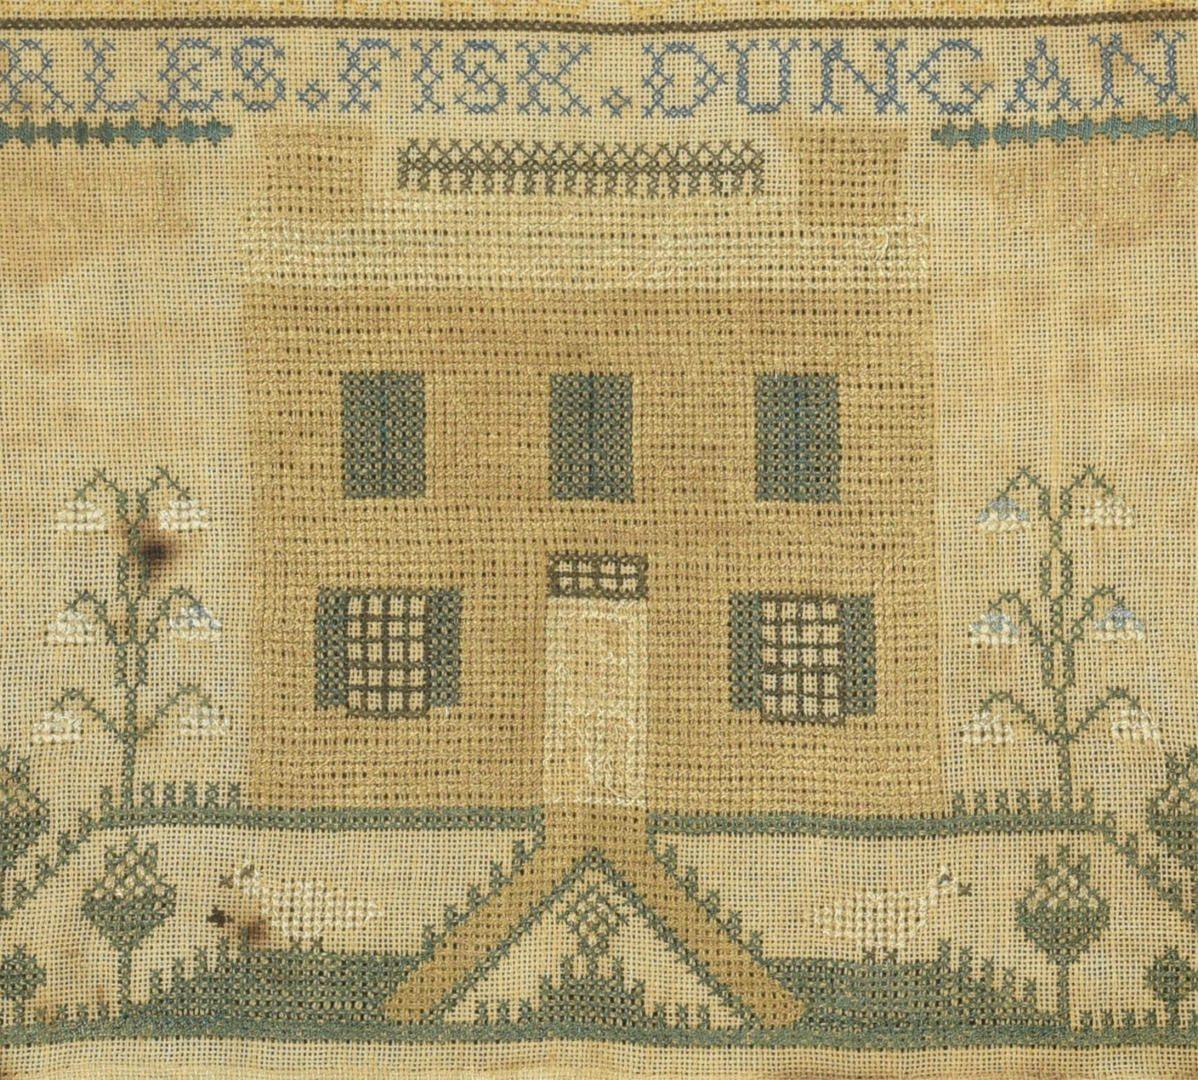 Lot 291: 2 Samplers incl. Virginia House Sampler